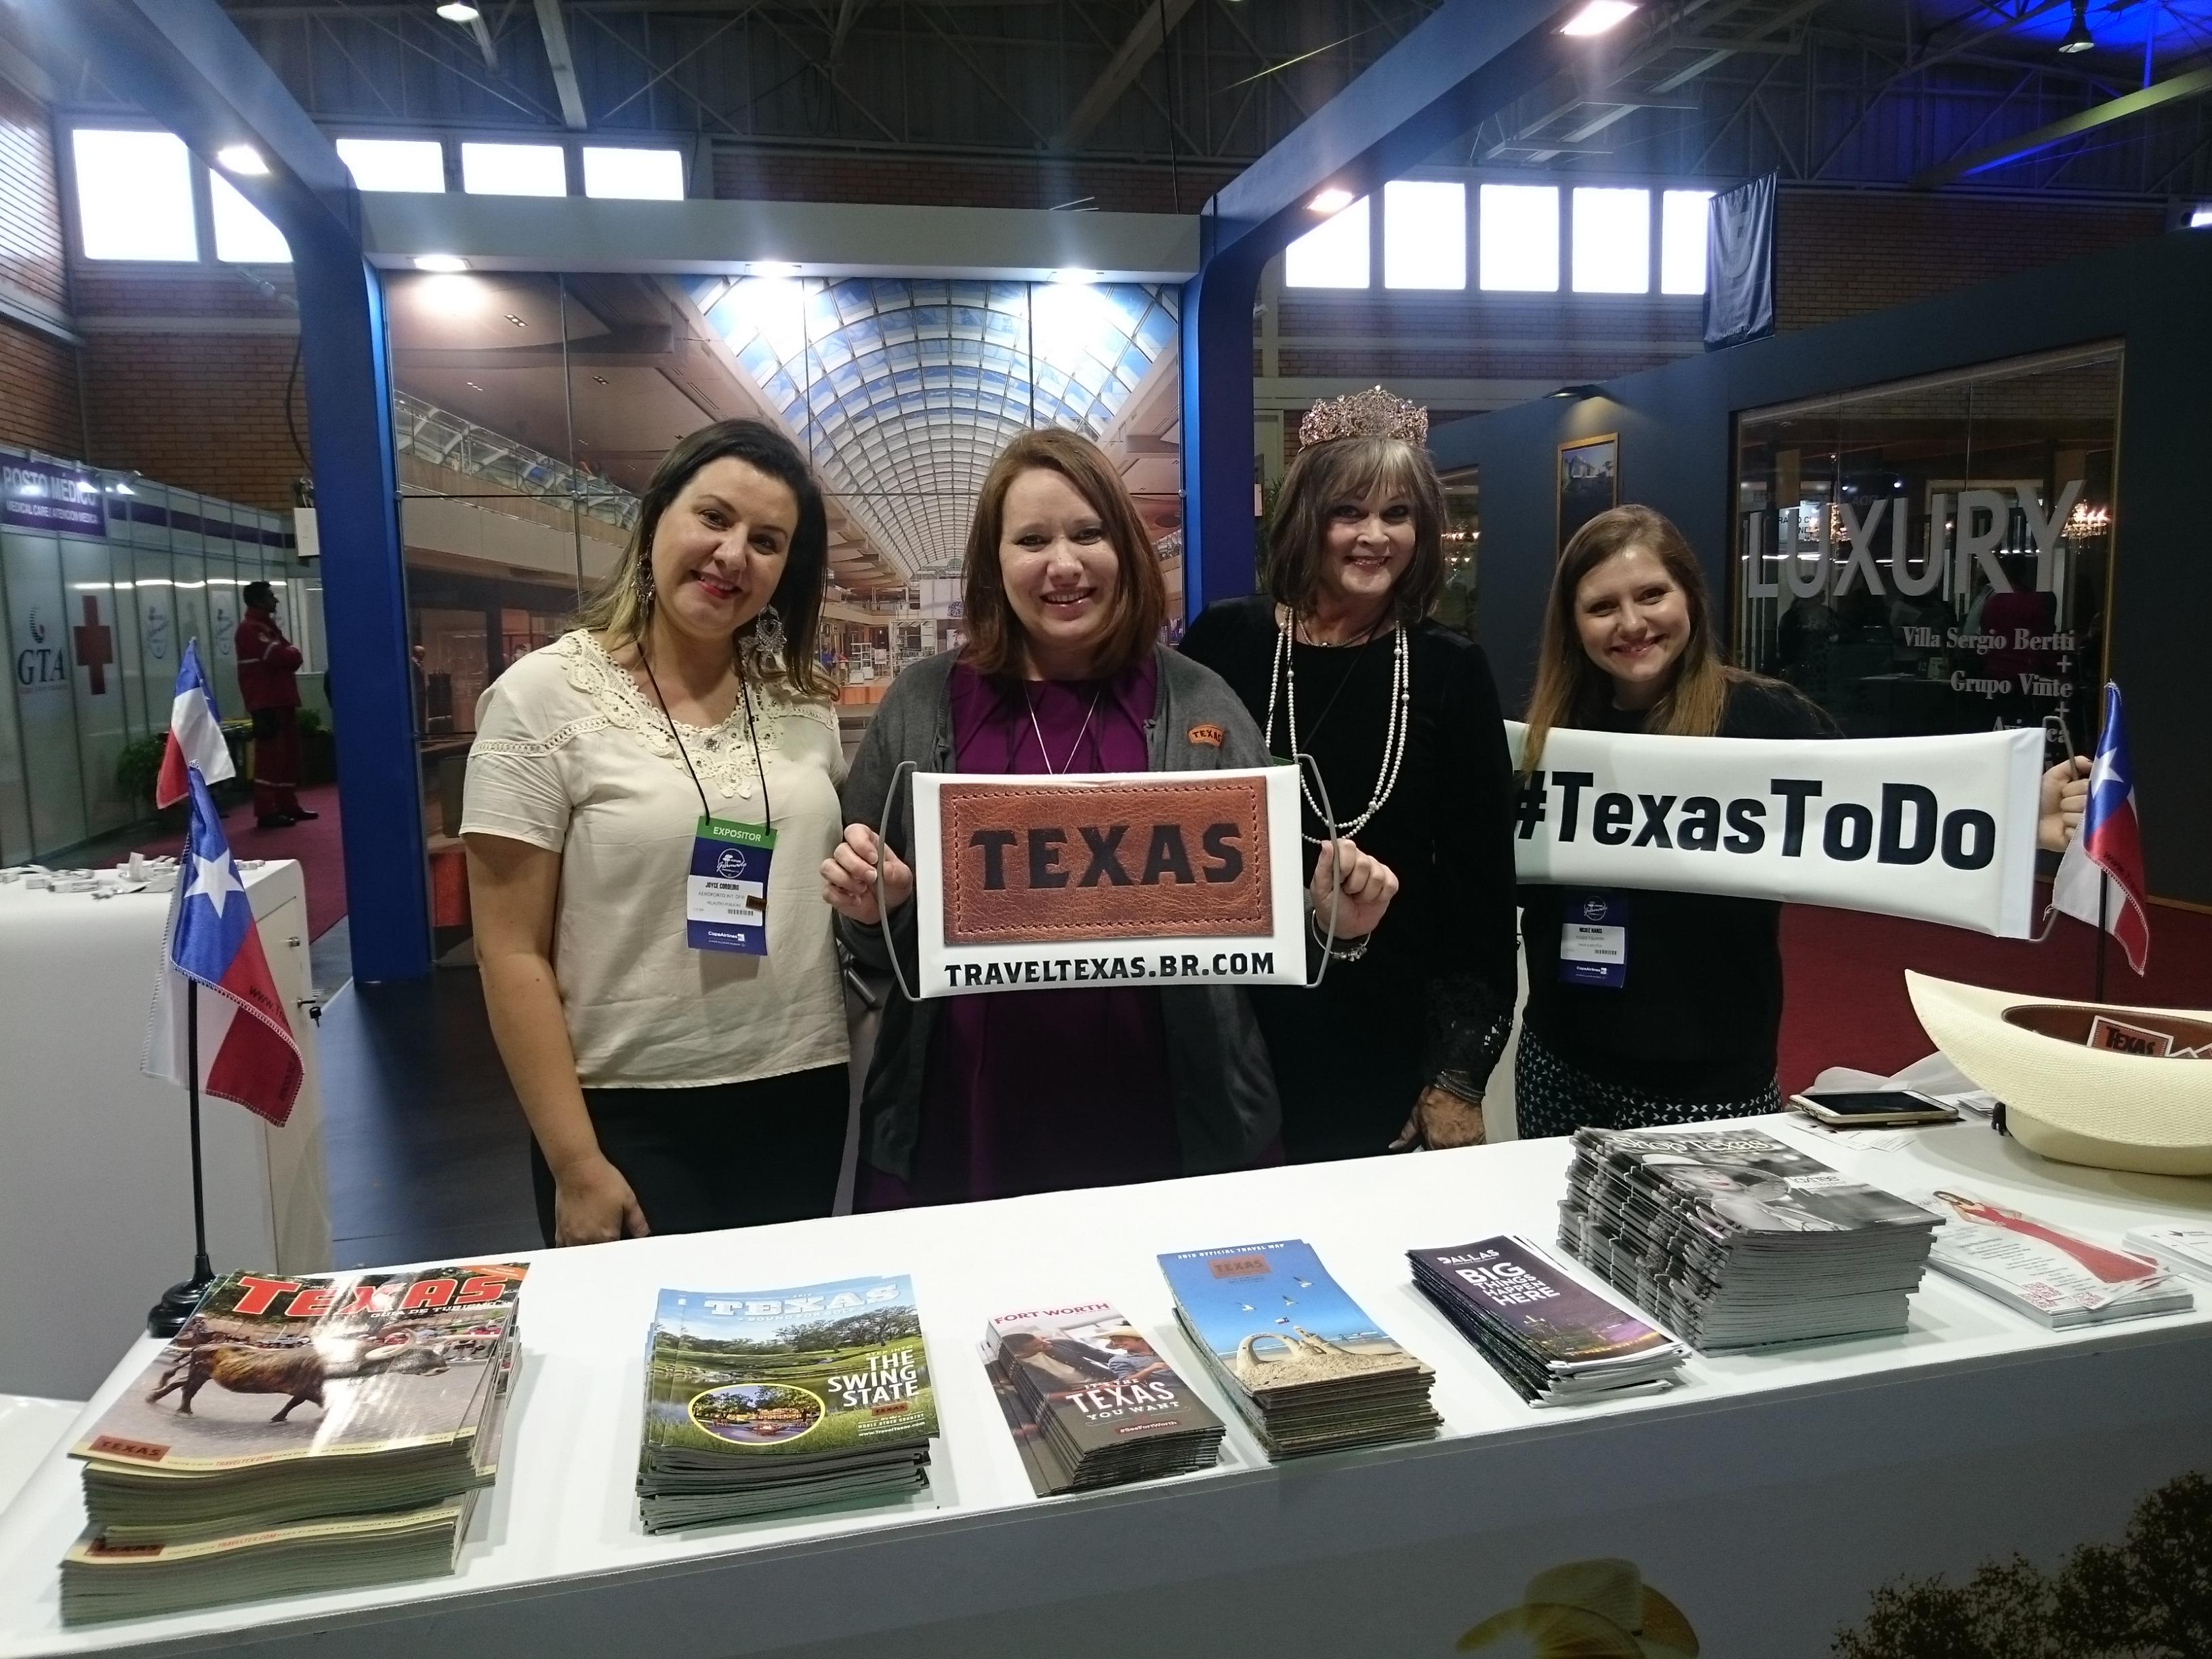 Joyce Cordeiro, Morgan Taylor, Carolyn Petty e Nicole Nanci, do Texas